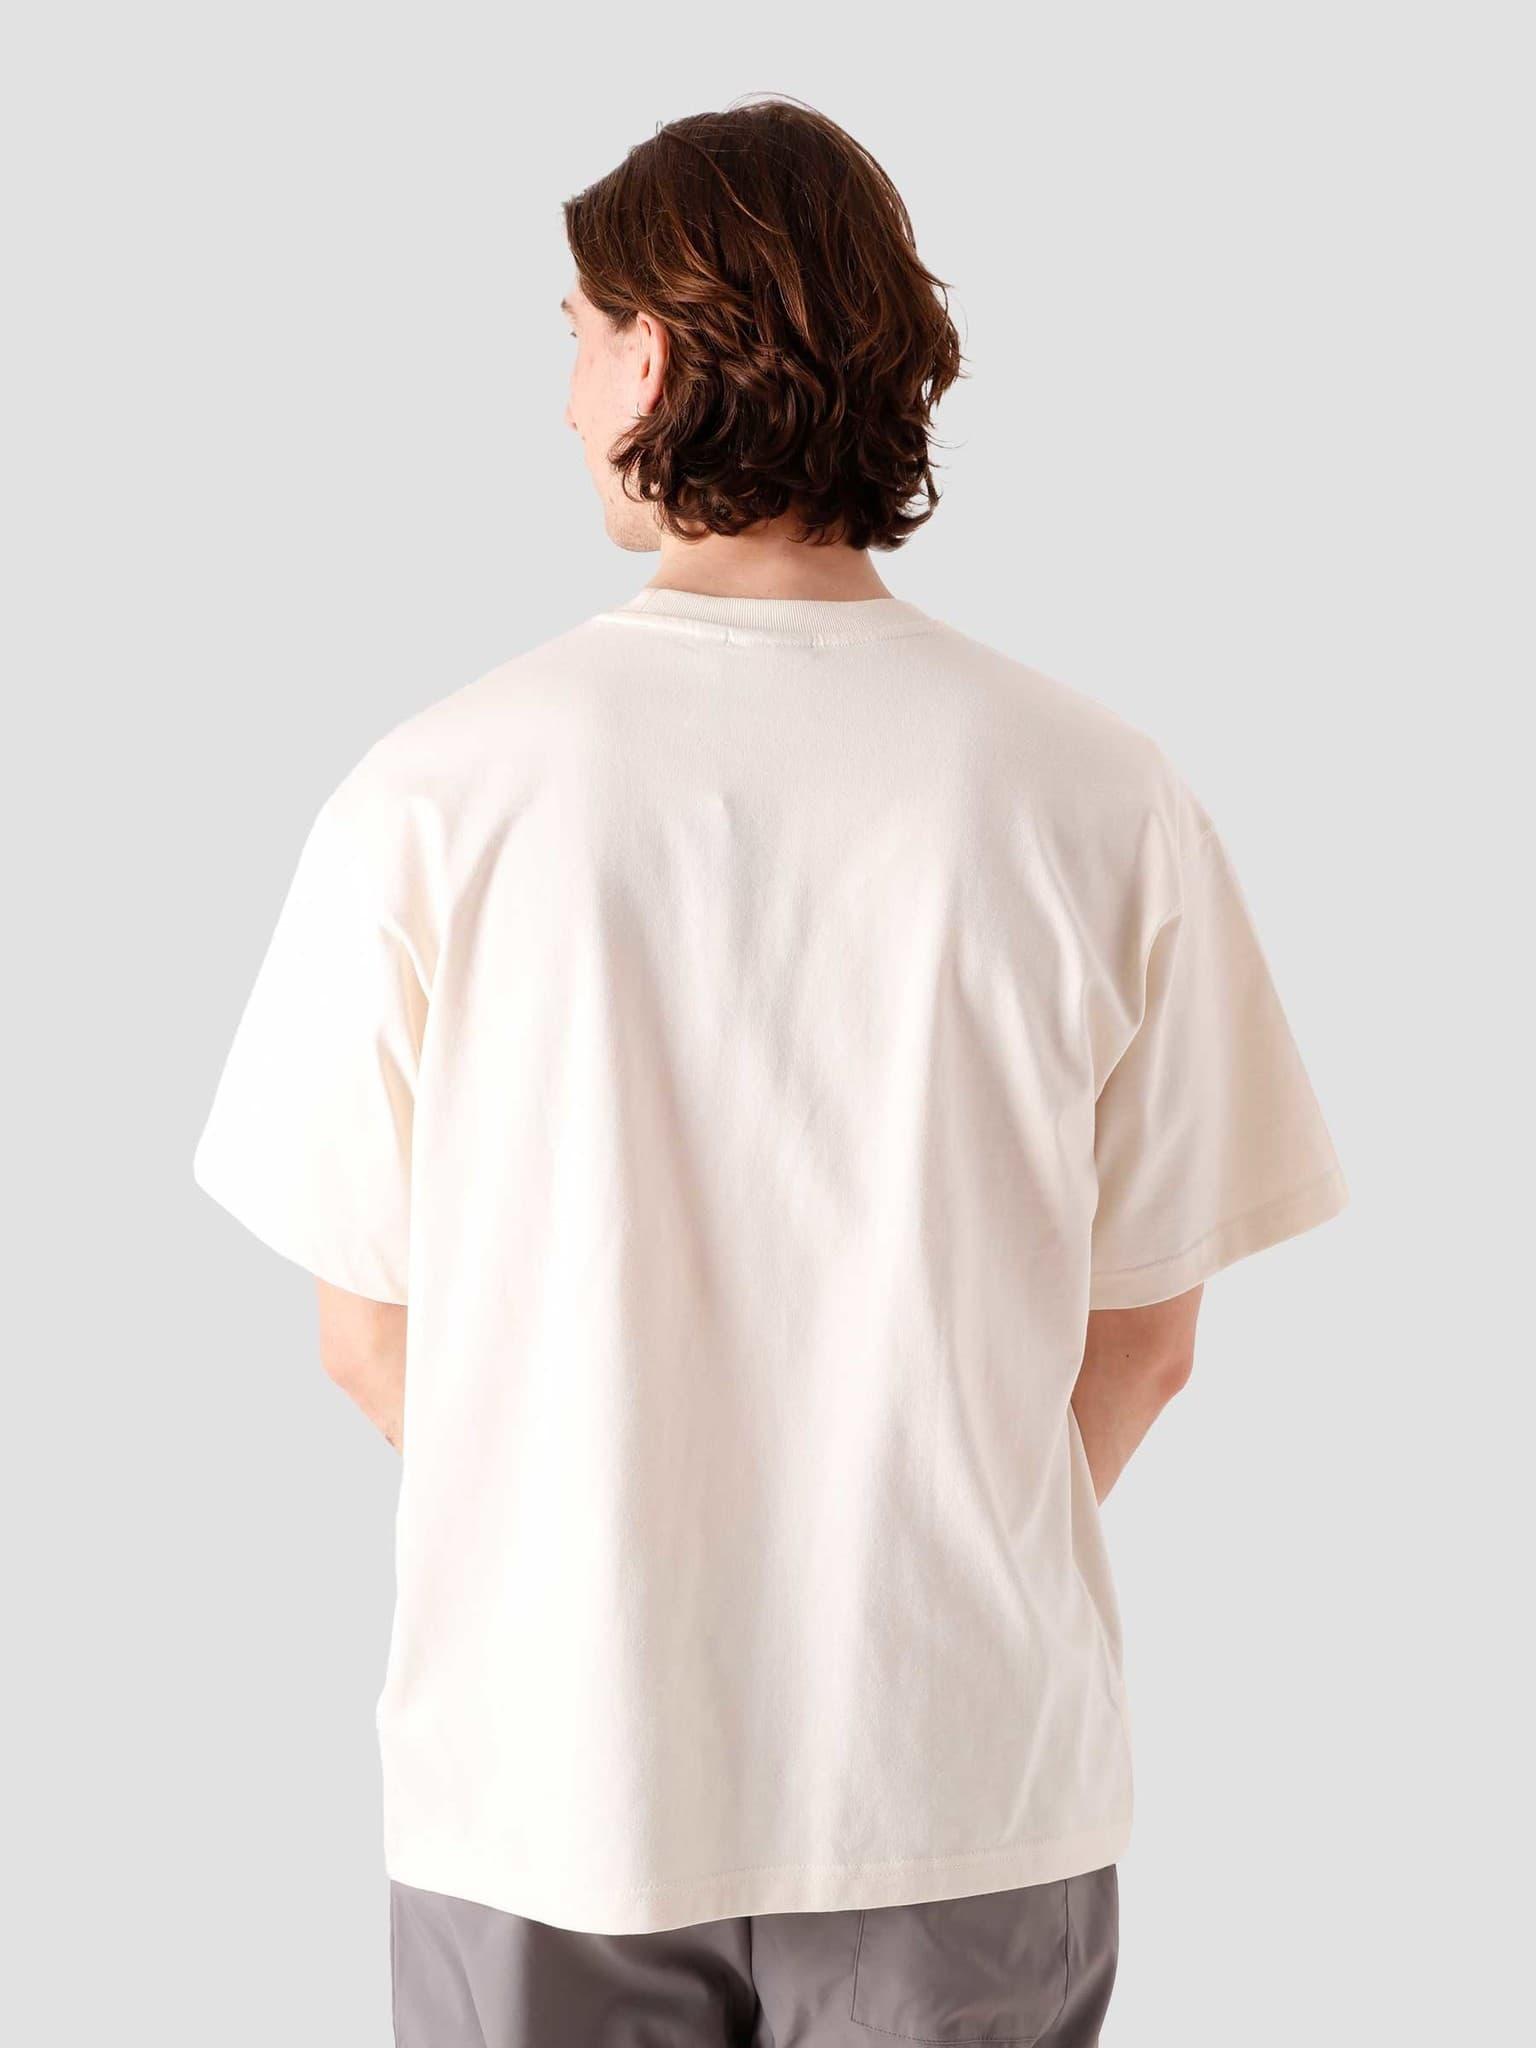 Premium T-Shirt Nondye GN3370